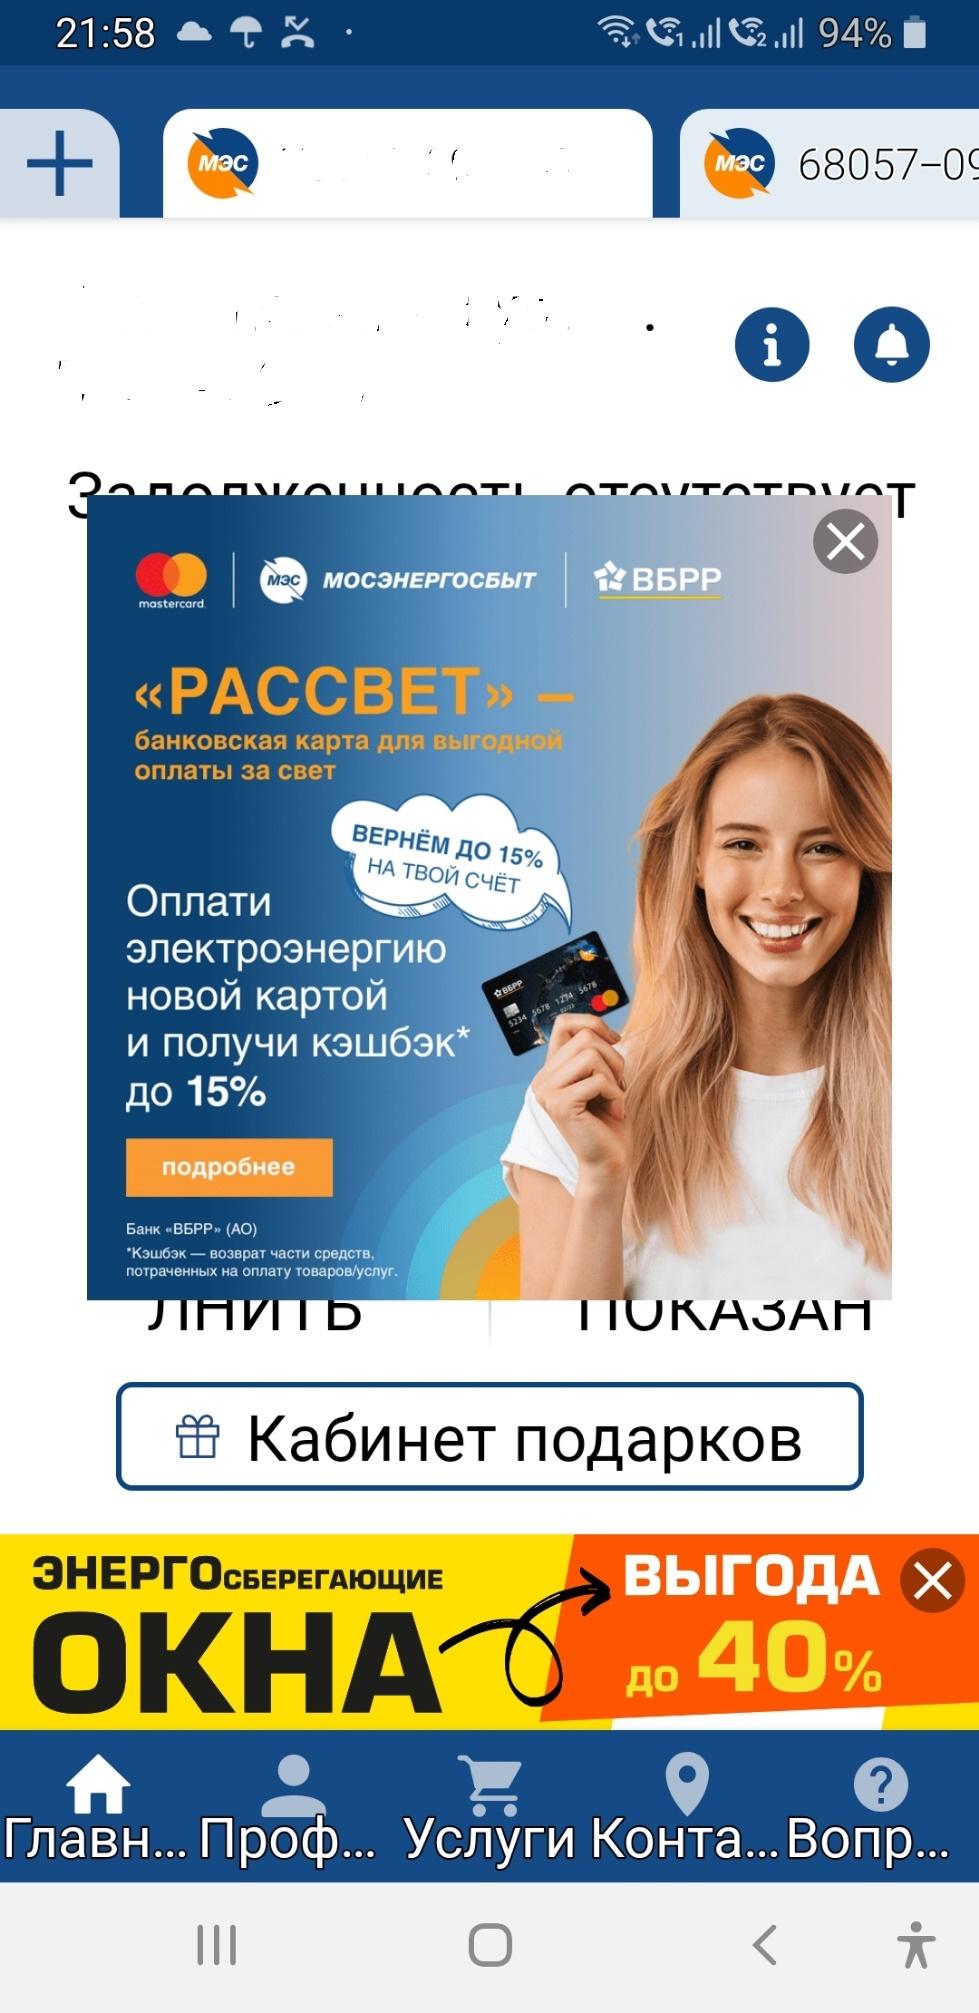 Мосэнергосбыт_Главный экран 1